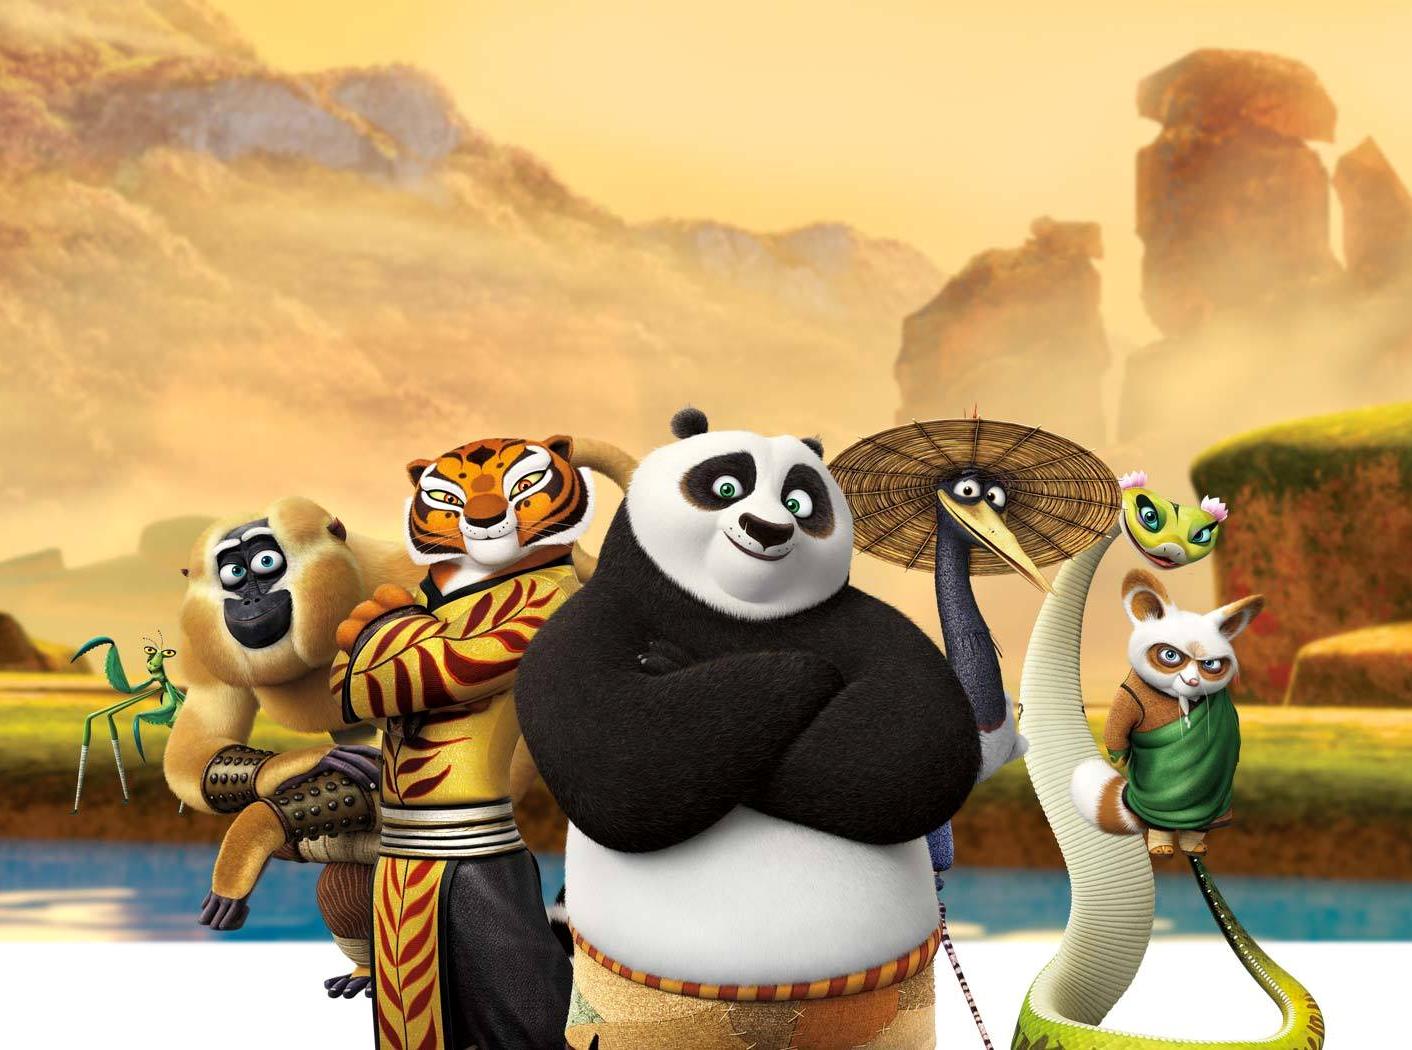 drogemiester's lair: kung fu panda 3 review